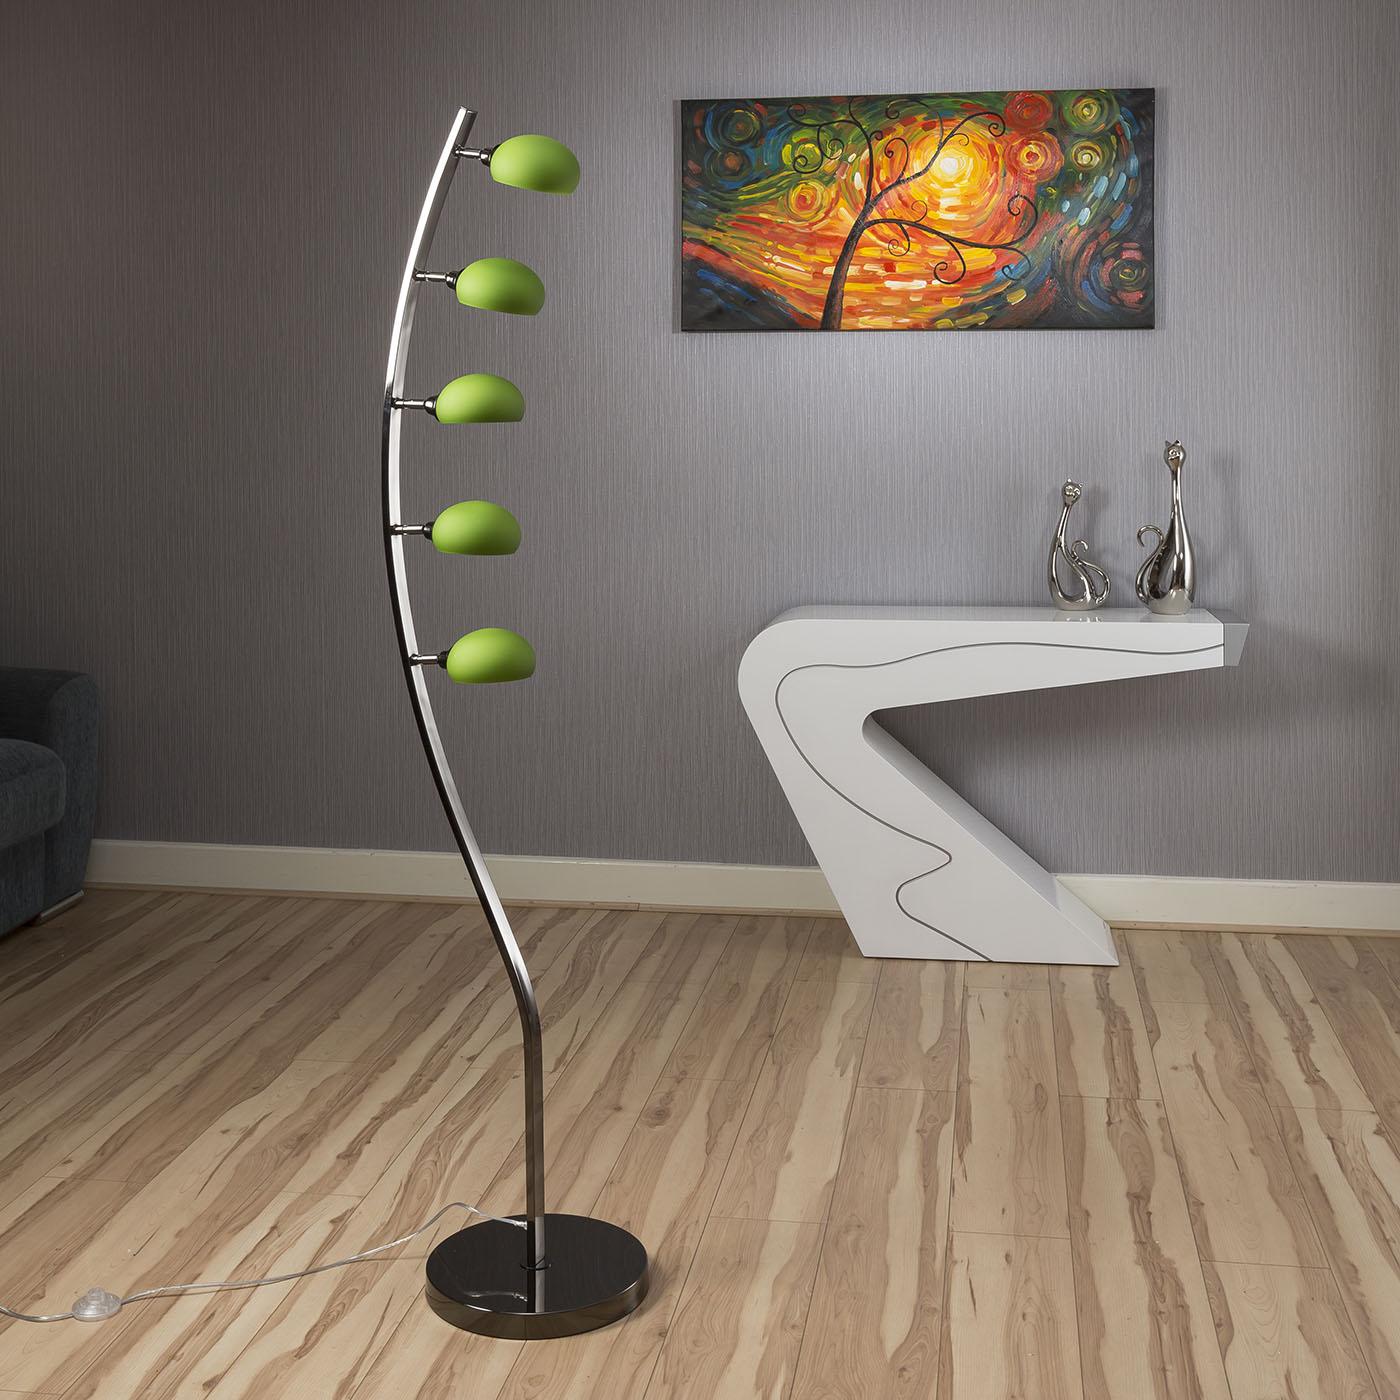 Modern Floor/Standard Lamp/Light / Lighting 5 Green Glass